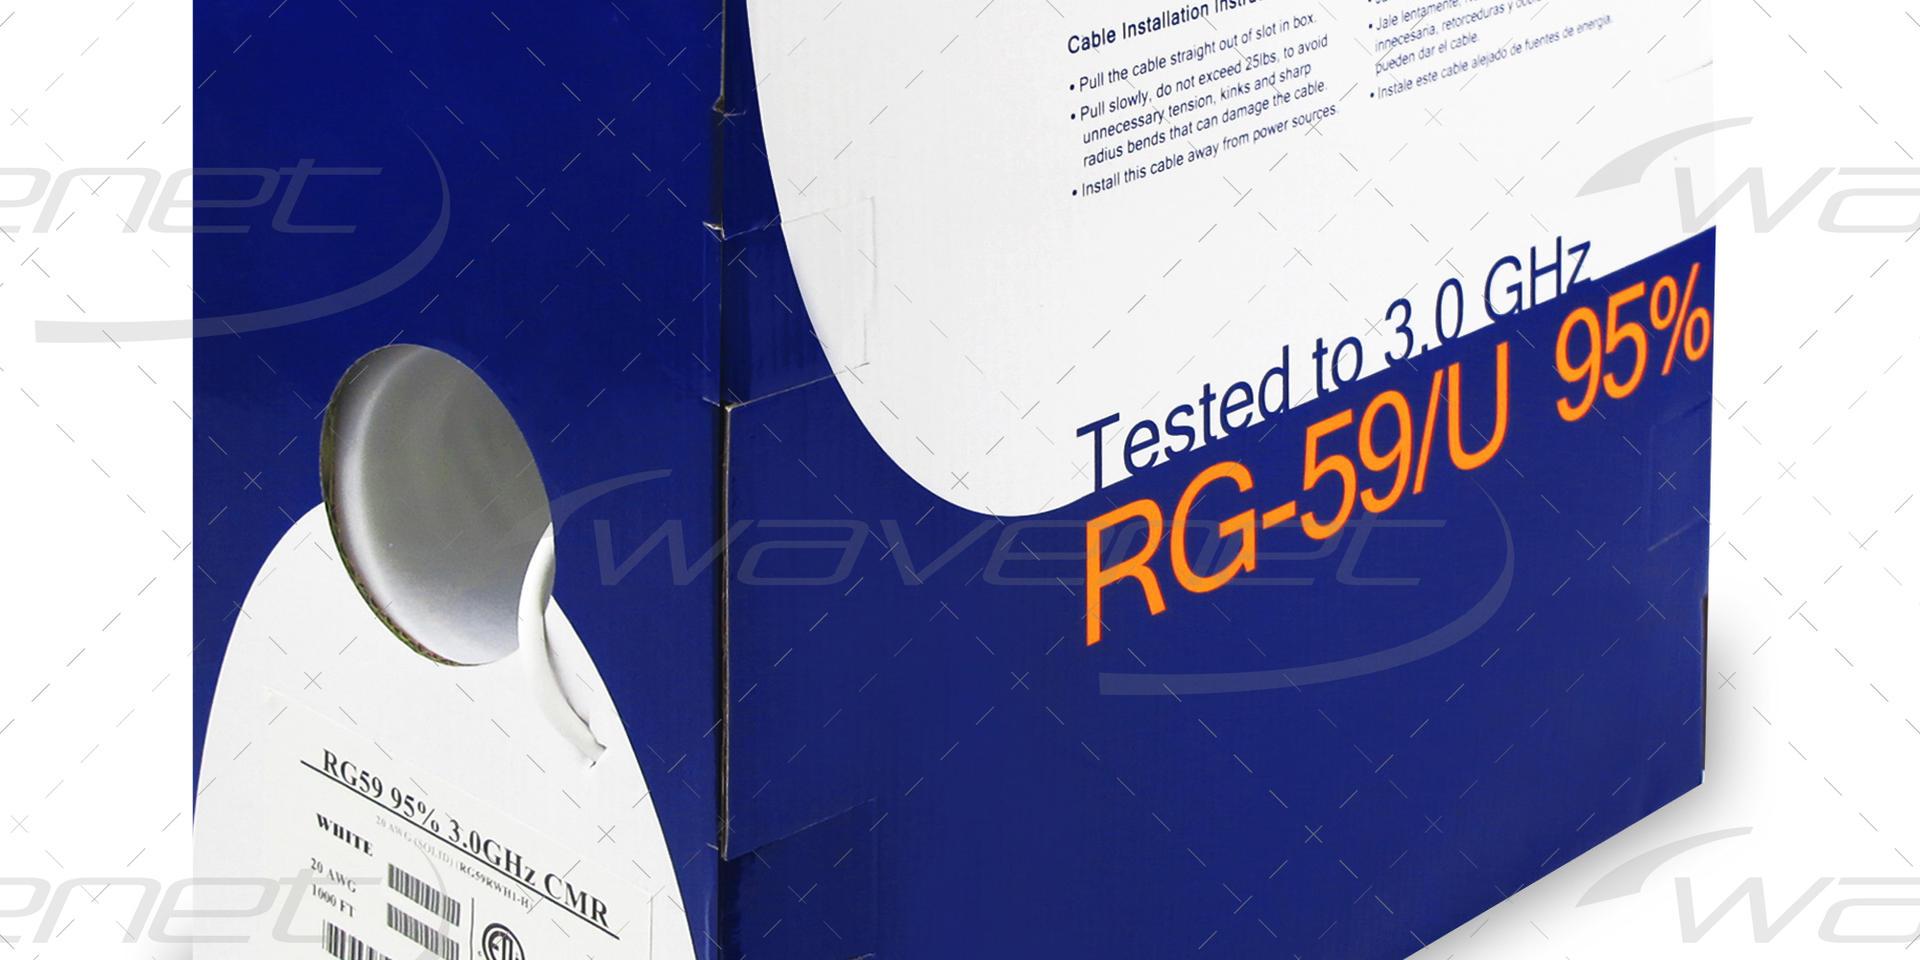 RG59RXX4_WM.jpg